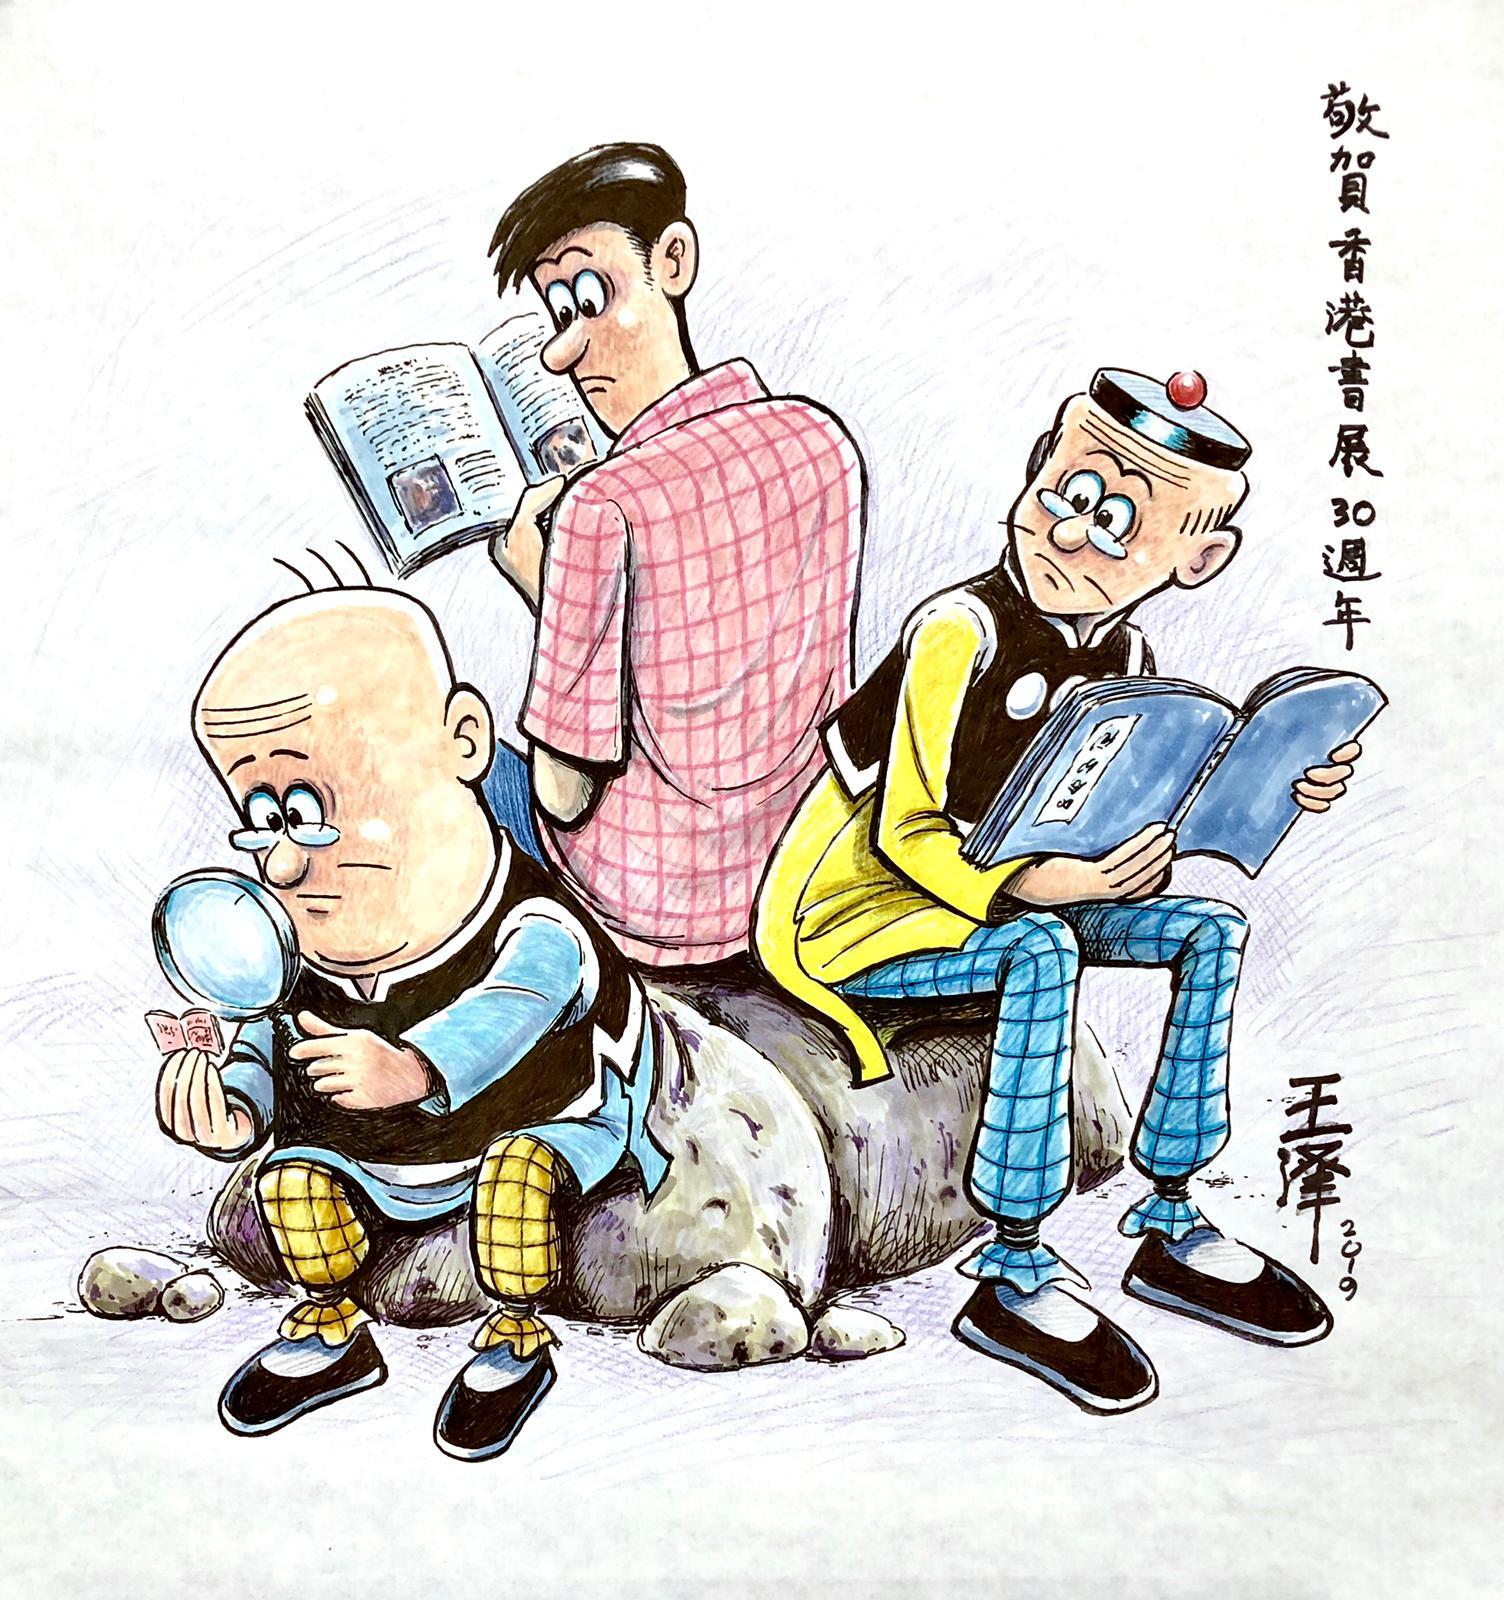 王澤的老夫子為香港書展打氣的畫作。